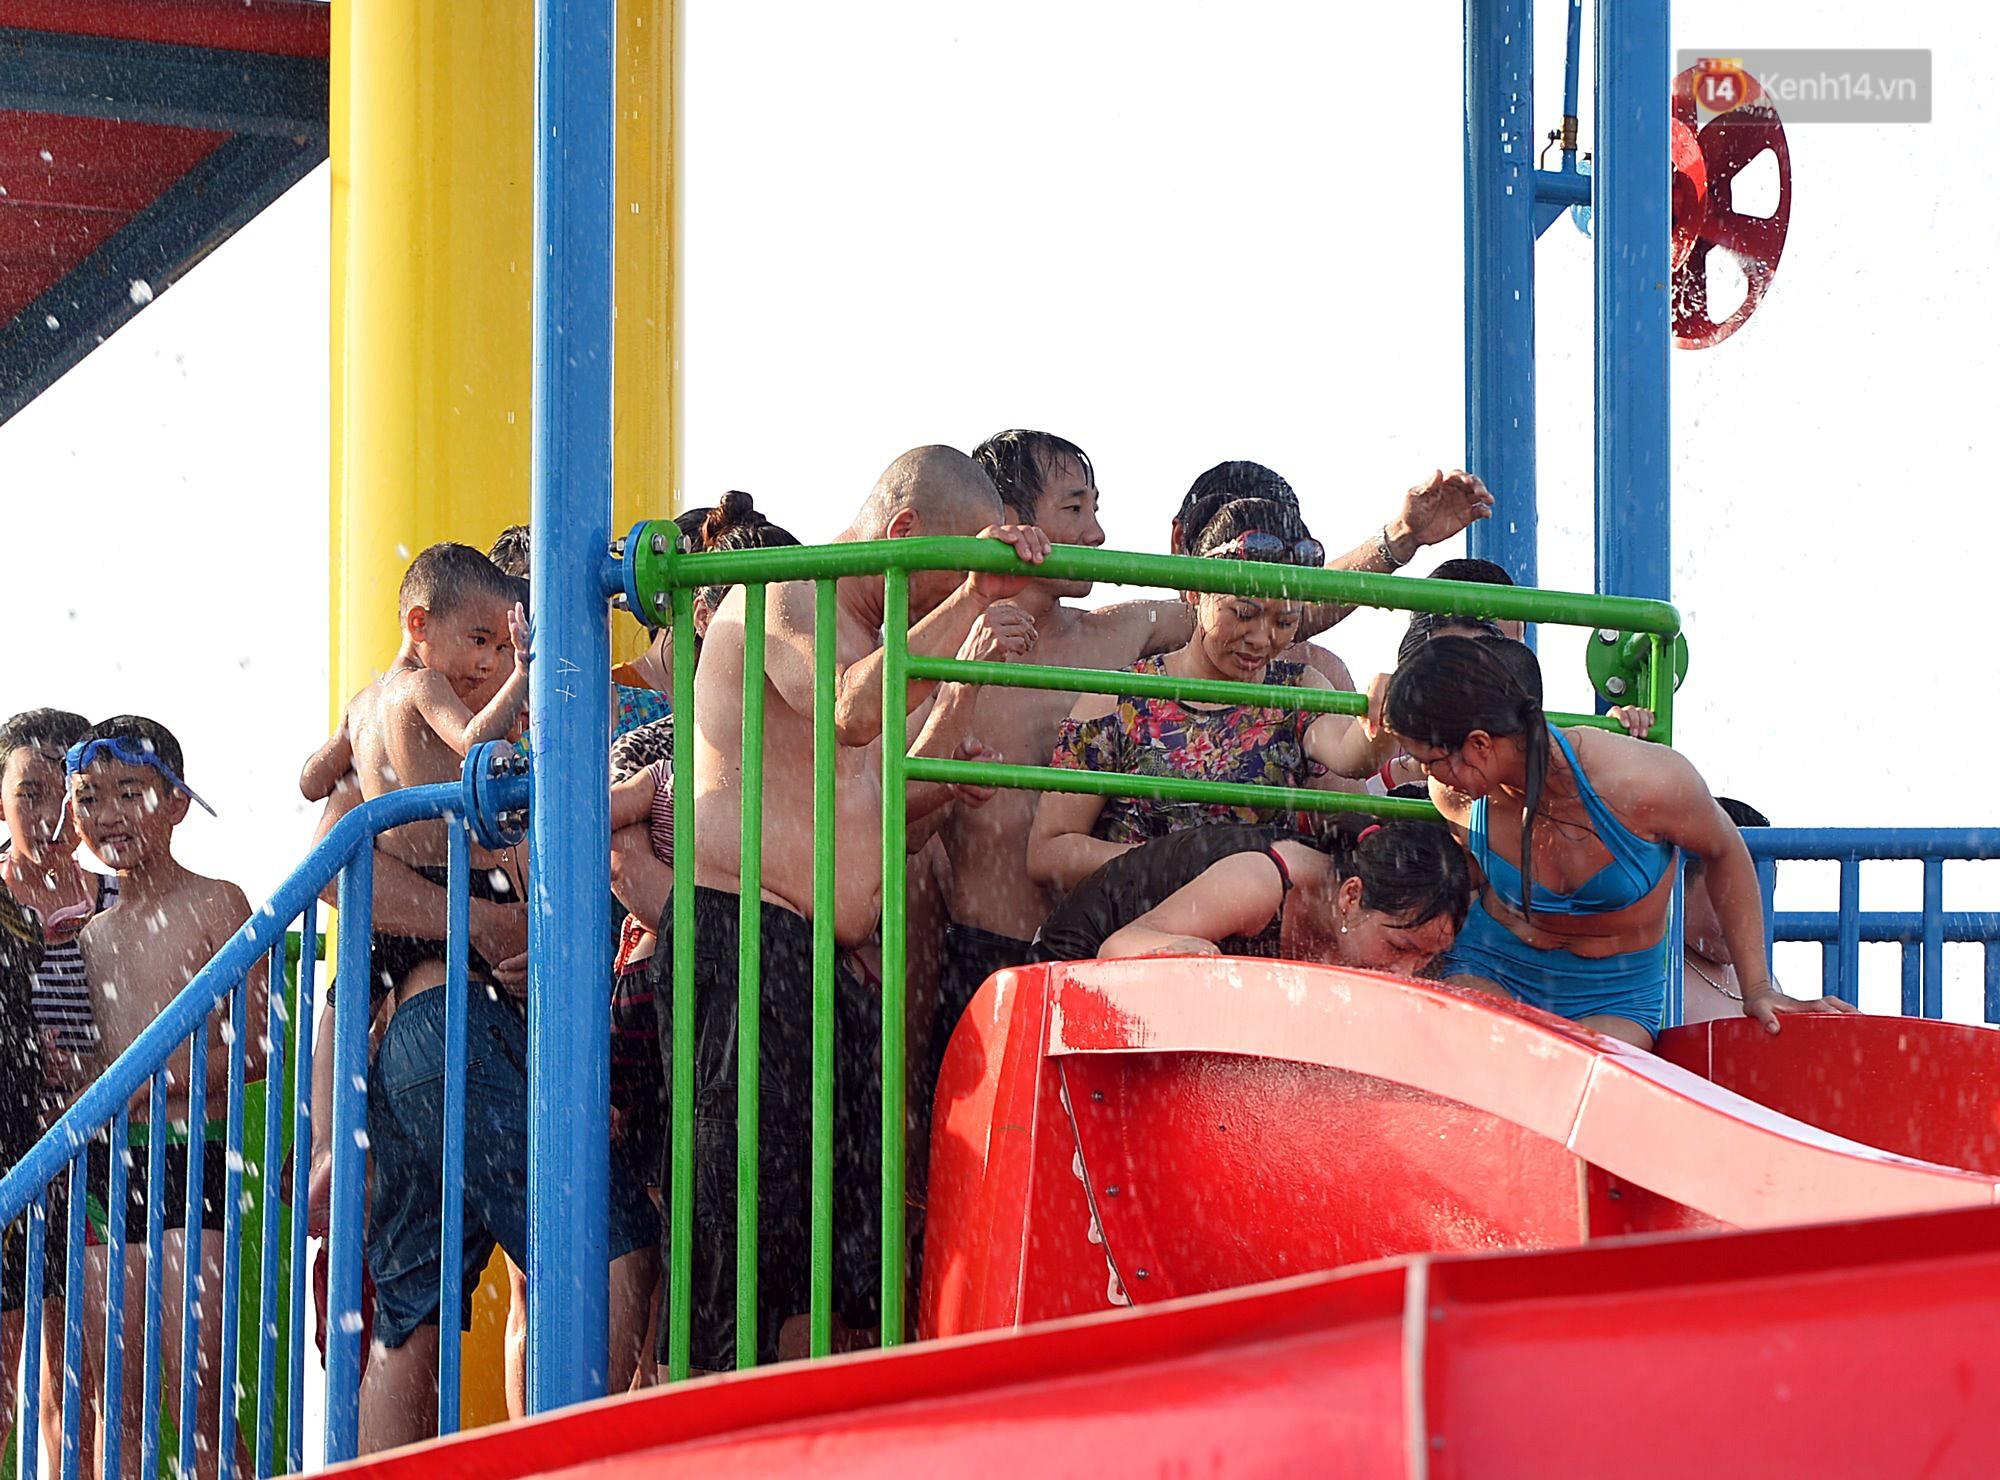 Lượng khách đổ về công viên nước hiện đại nhất Thủ đô tăng đột biến vào buổi chiều ngày khai trương - Ảnh 8.